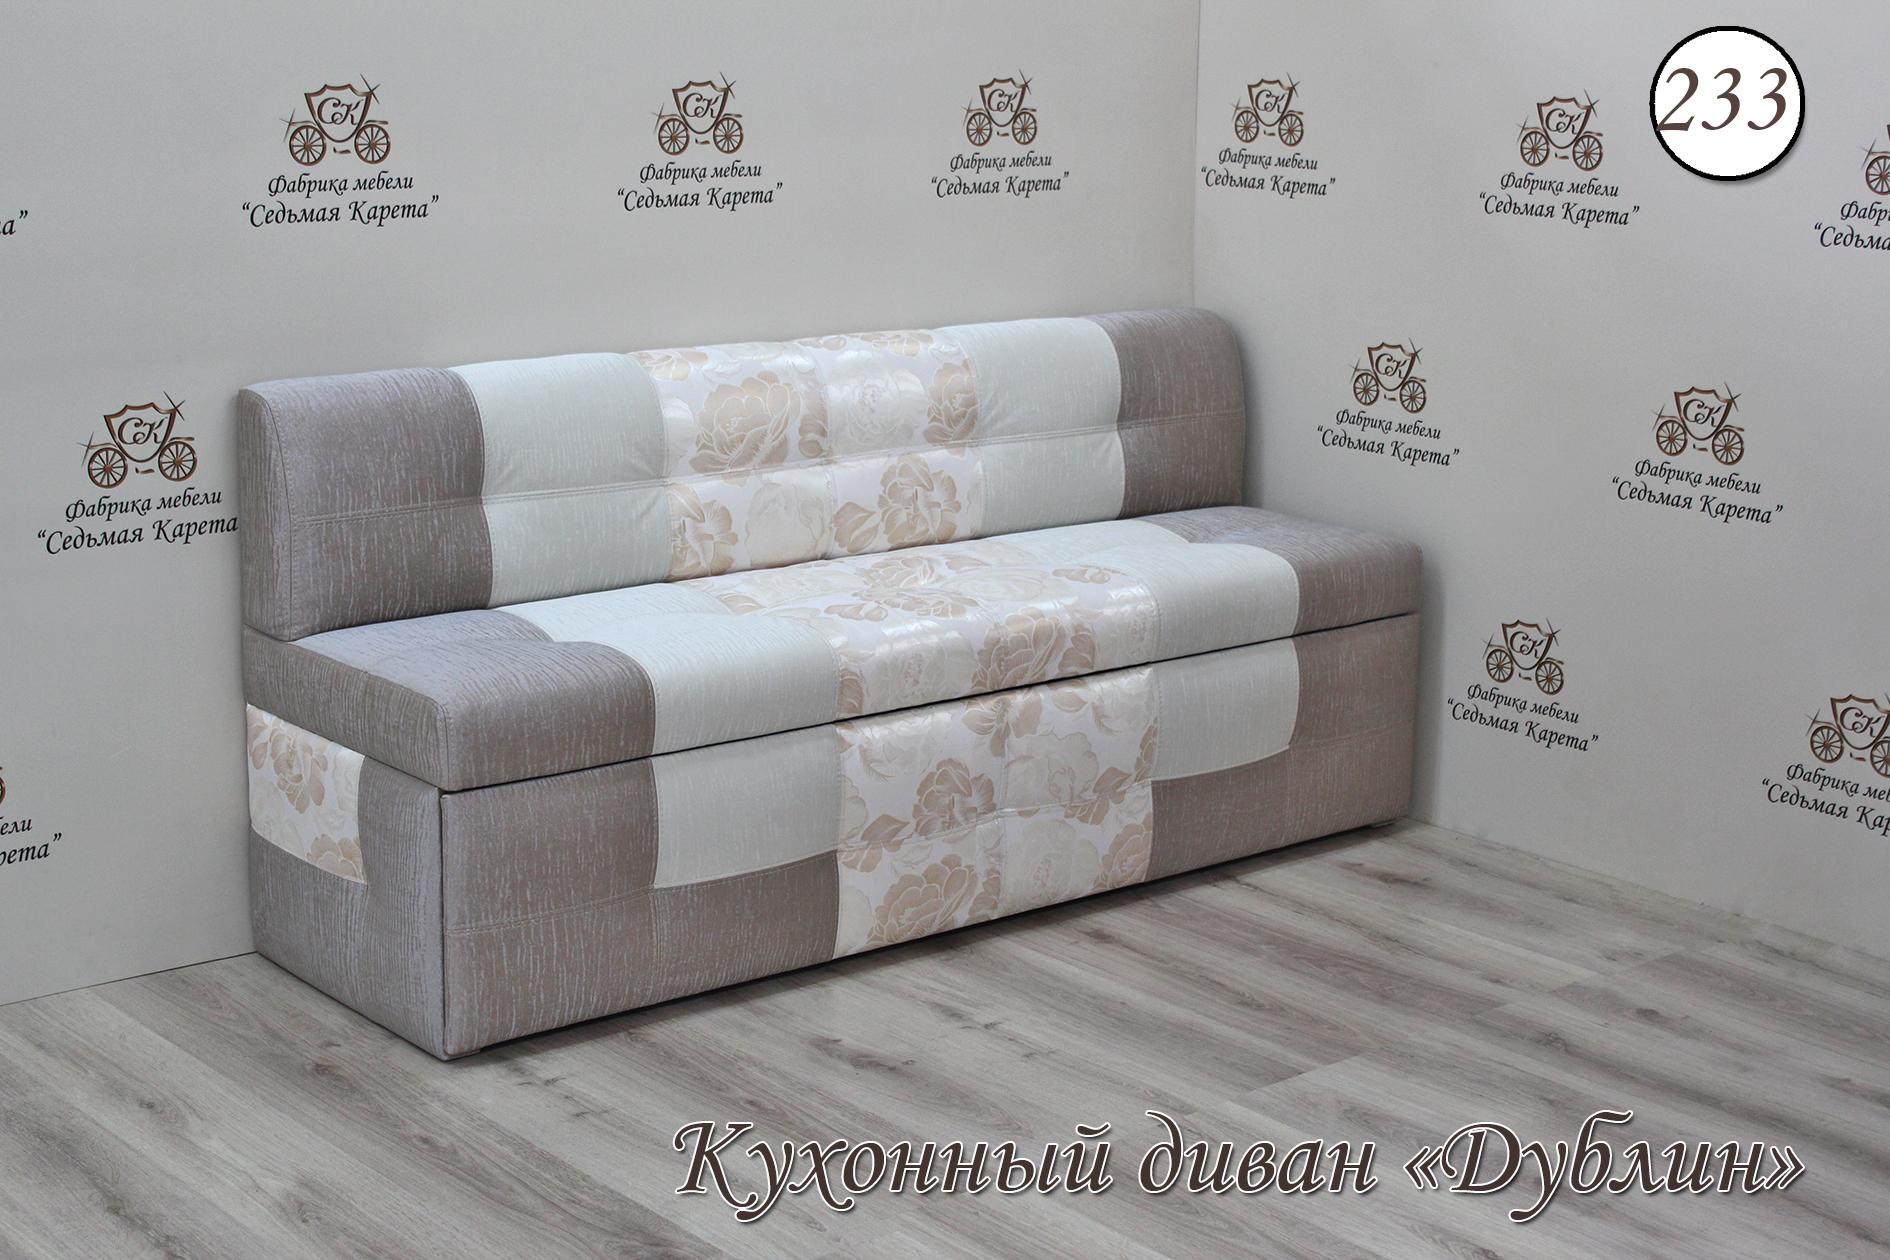 Кухонный диван Дублин-233 кухонный диван дублин